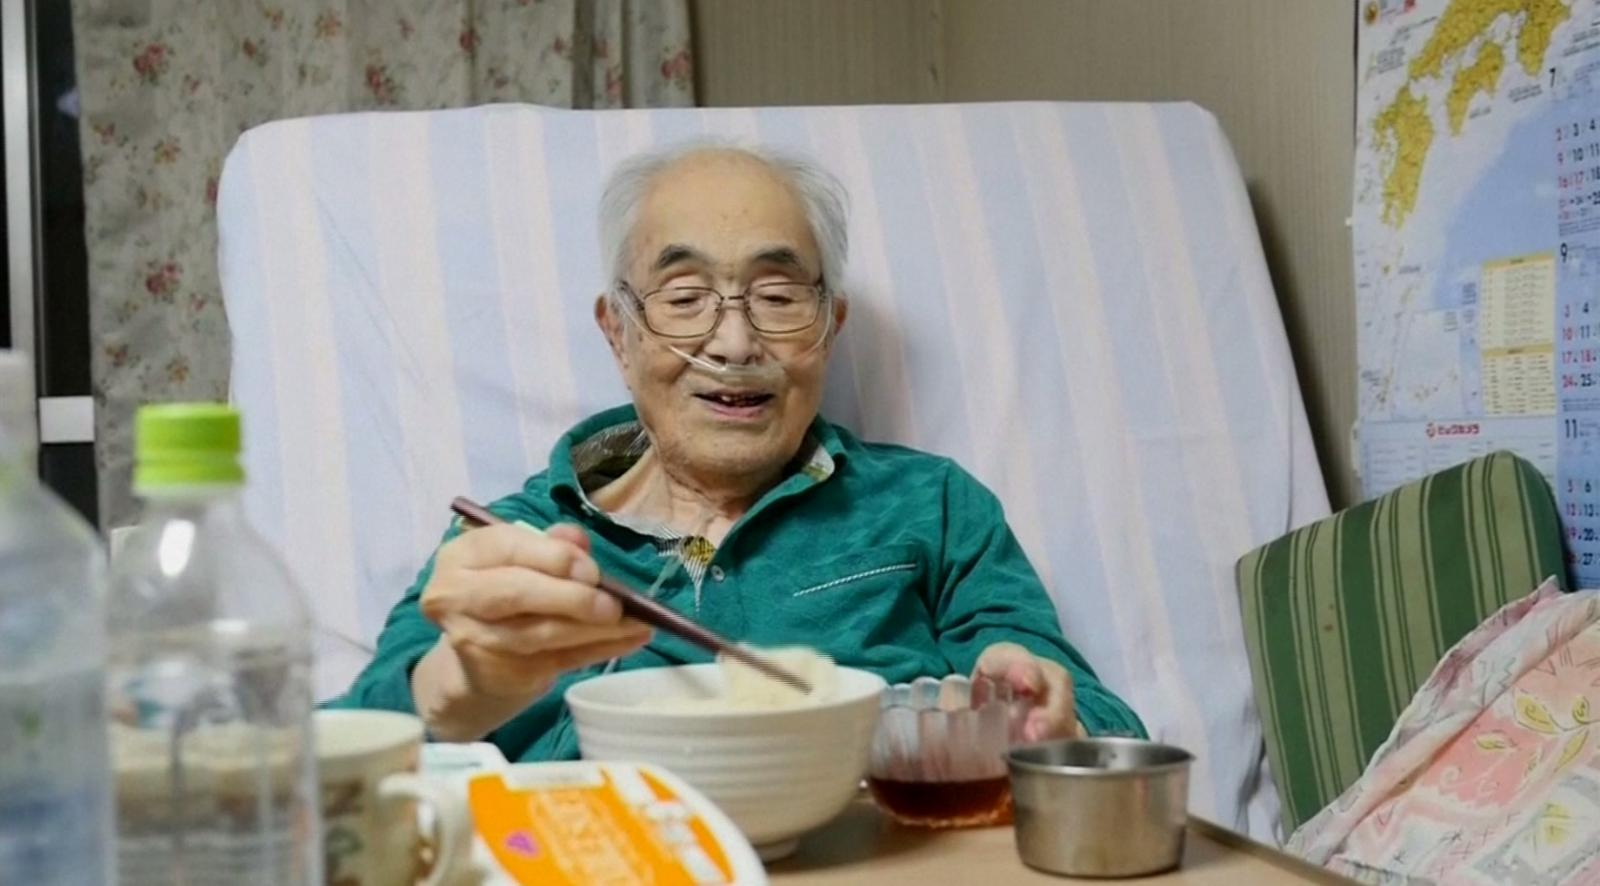 ญี่ปุ่นผลักดันดูแลผู้ป่วยสูงอายุที่บ้าน หลัง รพ.ไม่เพียงพอ